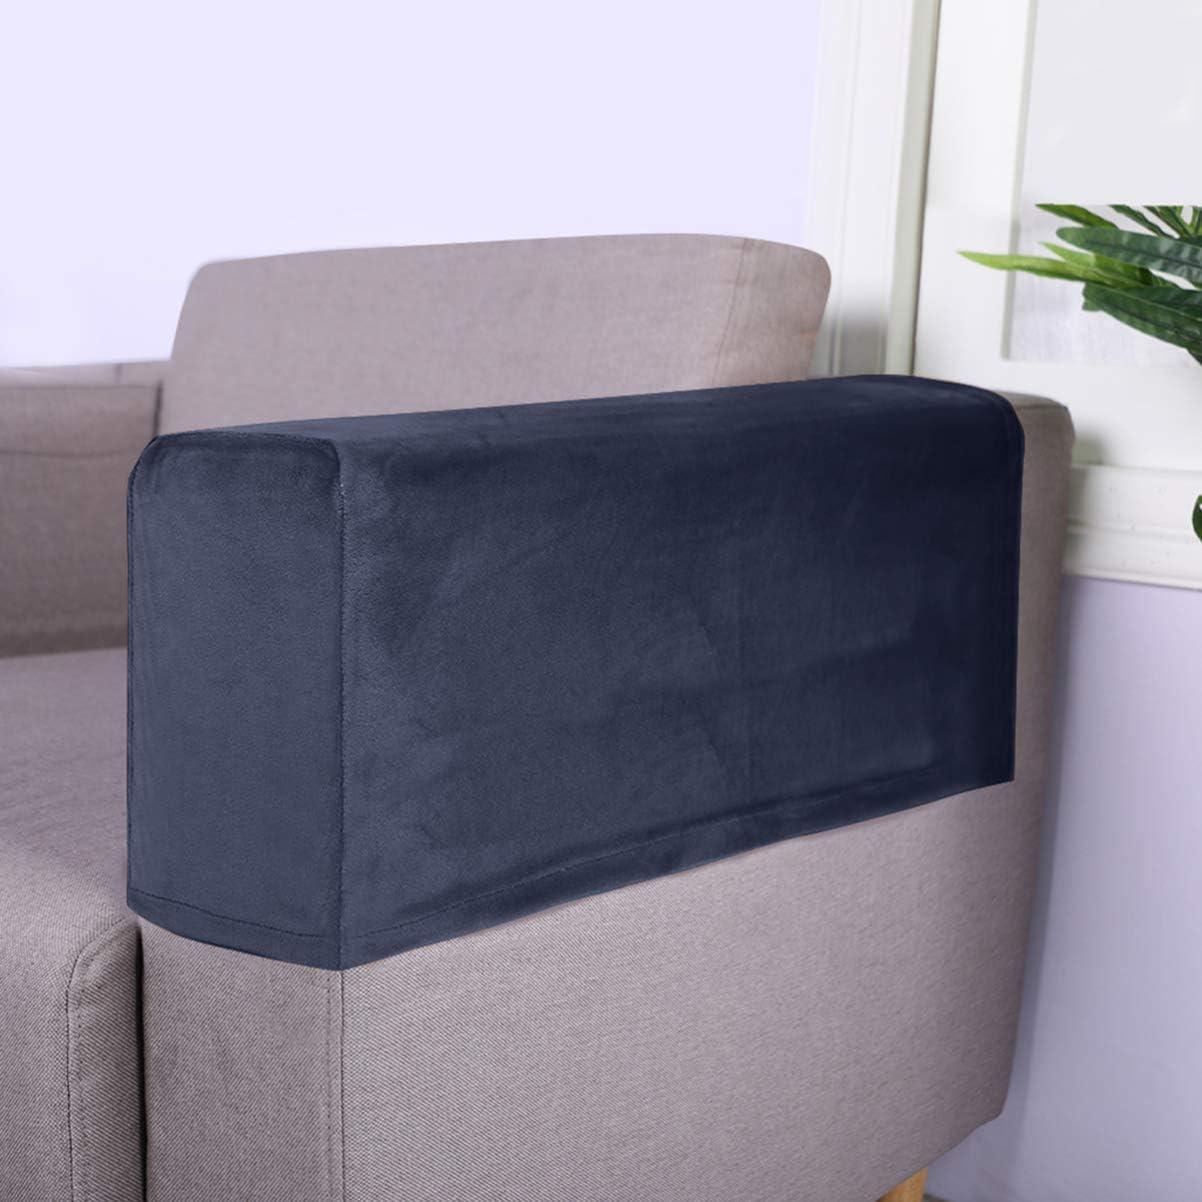 VOSAREA 2 Pcs Tissu Extensible Accoudoir Couvre Anti-D/érapant Meubles Protecteur Fauteuil Housses pour Fauteuils Inclinables Chaises Beige